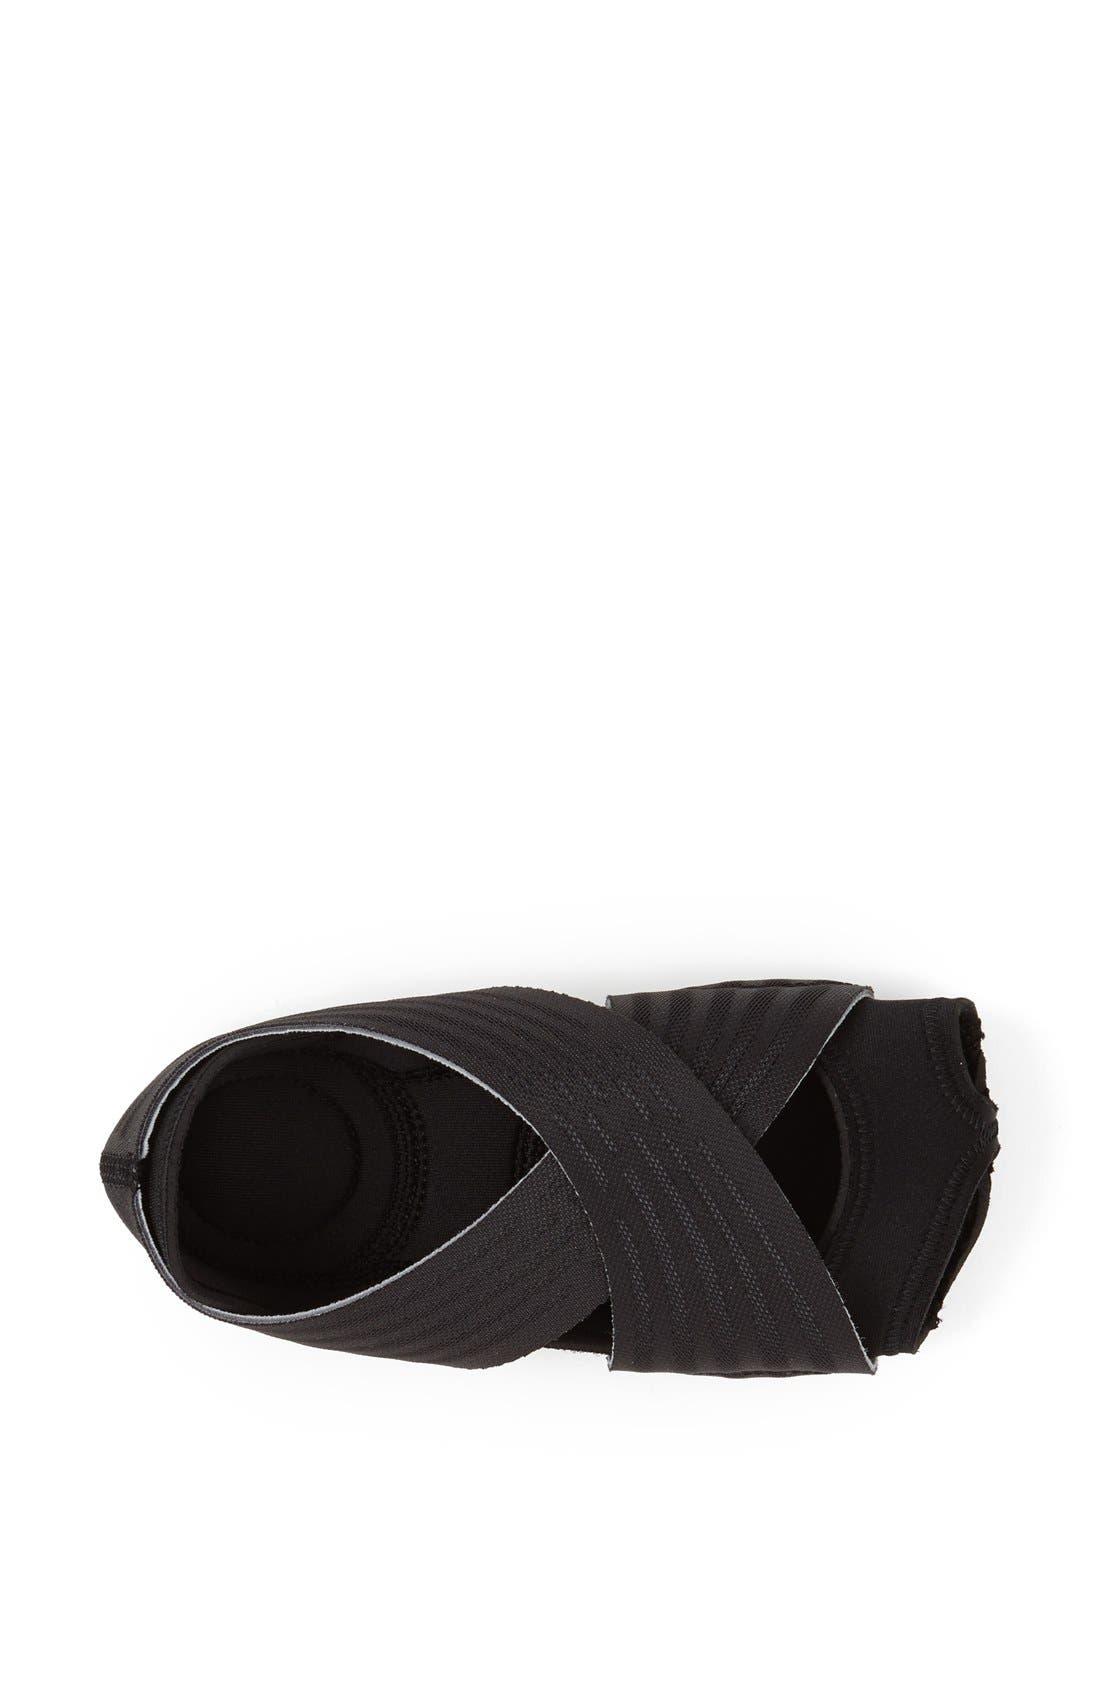 'Studio Wrap 2' Yoga Training Shoe,                             Alternate thumbnail 4, color,                             010